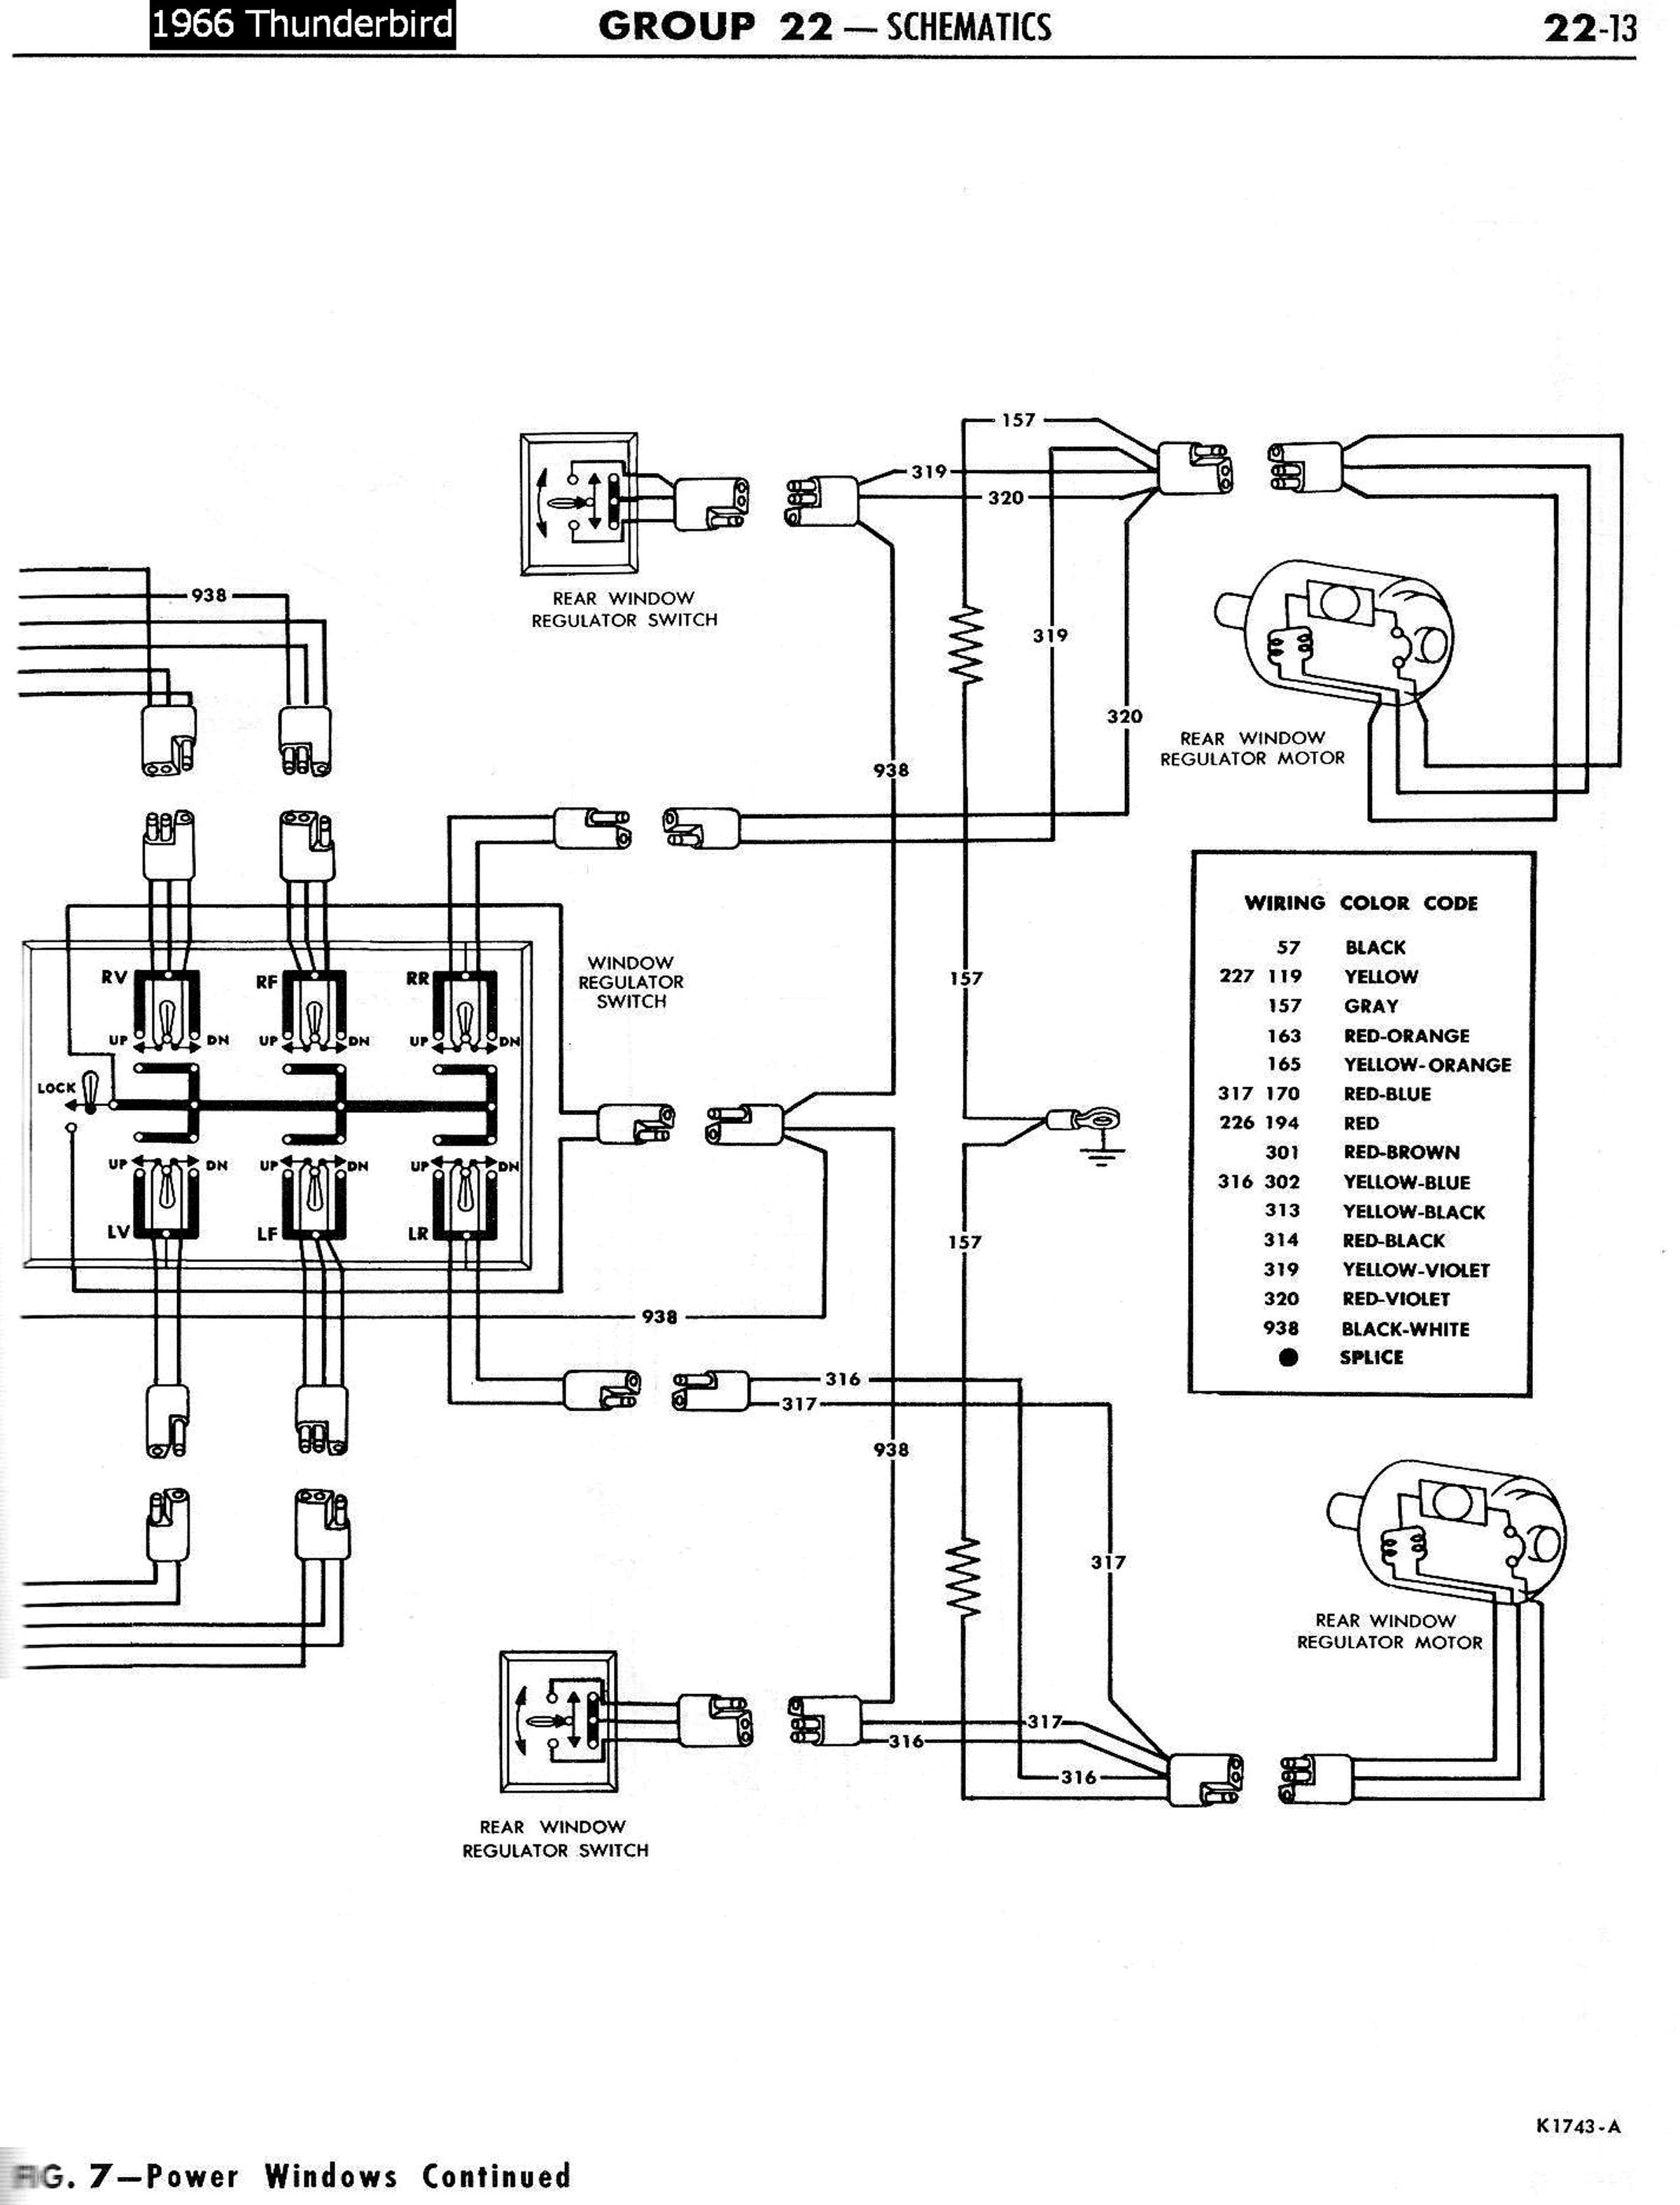 Ausgezeichnet Typische 3 Wege Schalterverkabelung Ideen - Die Besten ...